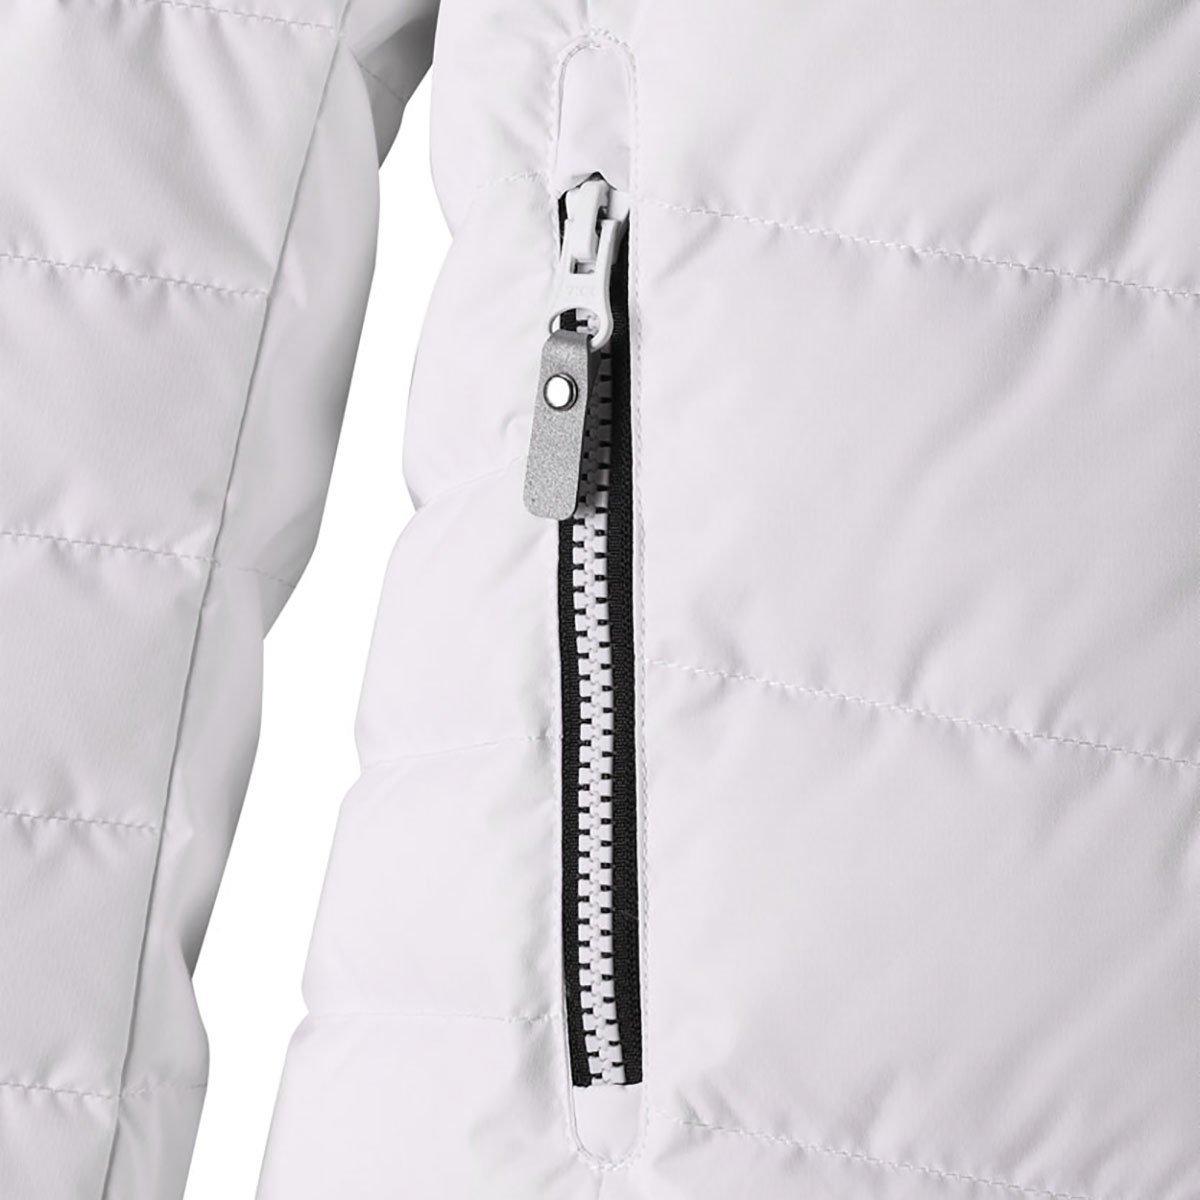 Купить Верхняя одежда, Пуховая куртка Reima Juuri белая, р. 152 531370 ТМ: REIMA, белый